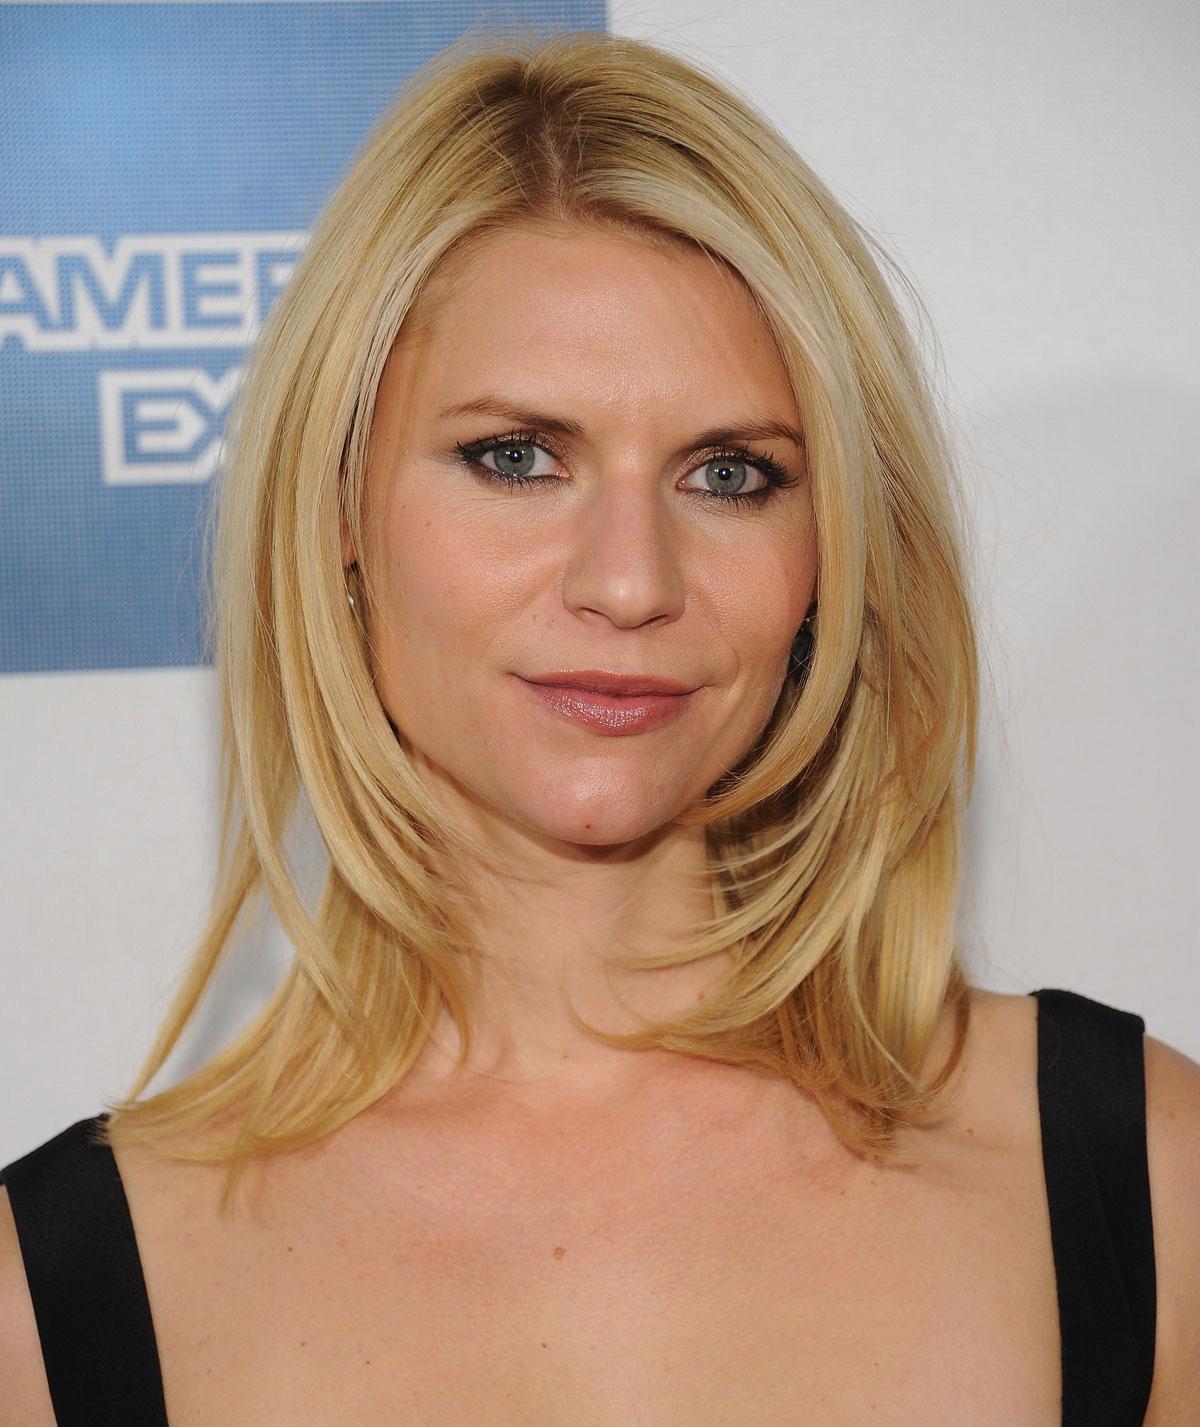 CLAIRE DANES at Hysteria Premiere at Tribeca Film Festival ... Claire Danes